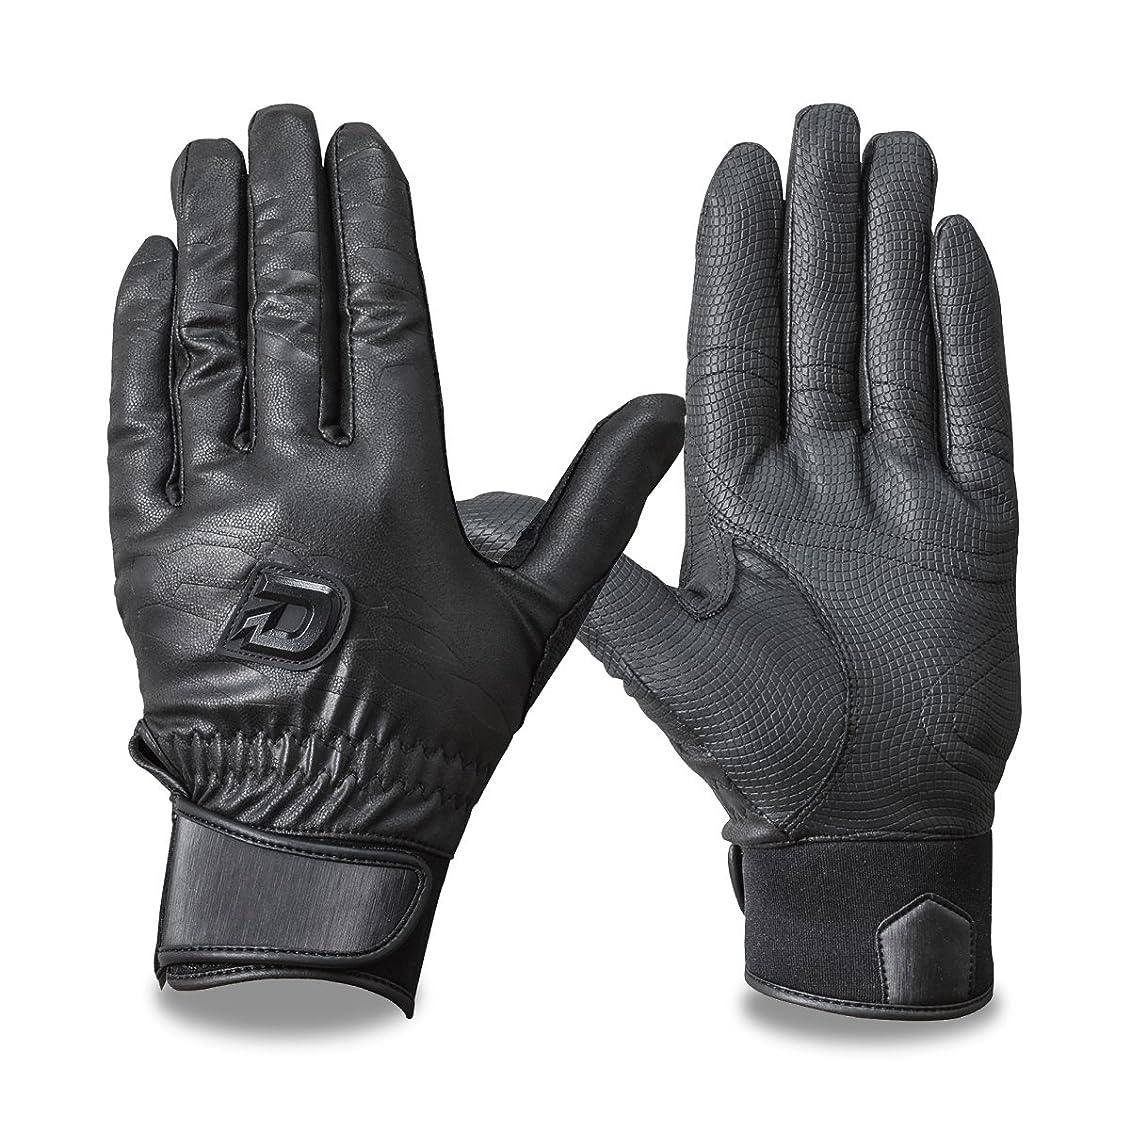 それに応じて約傾いたDeMARINI(ディマリニ)   野球 高校野球対応 バッティンググローブ グラブ 手袋 GRITE (グリテ) 両手用 WTABG0602